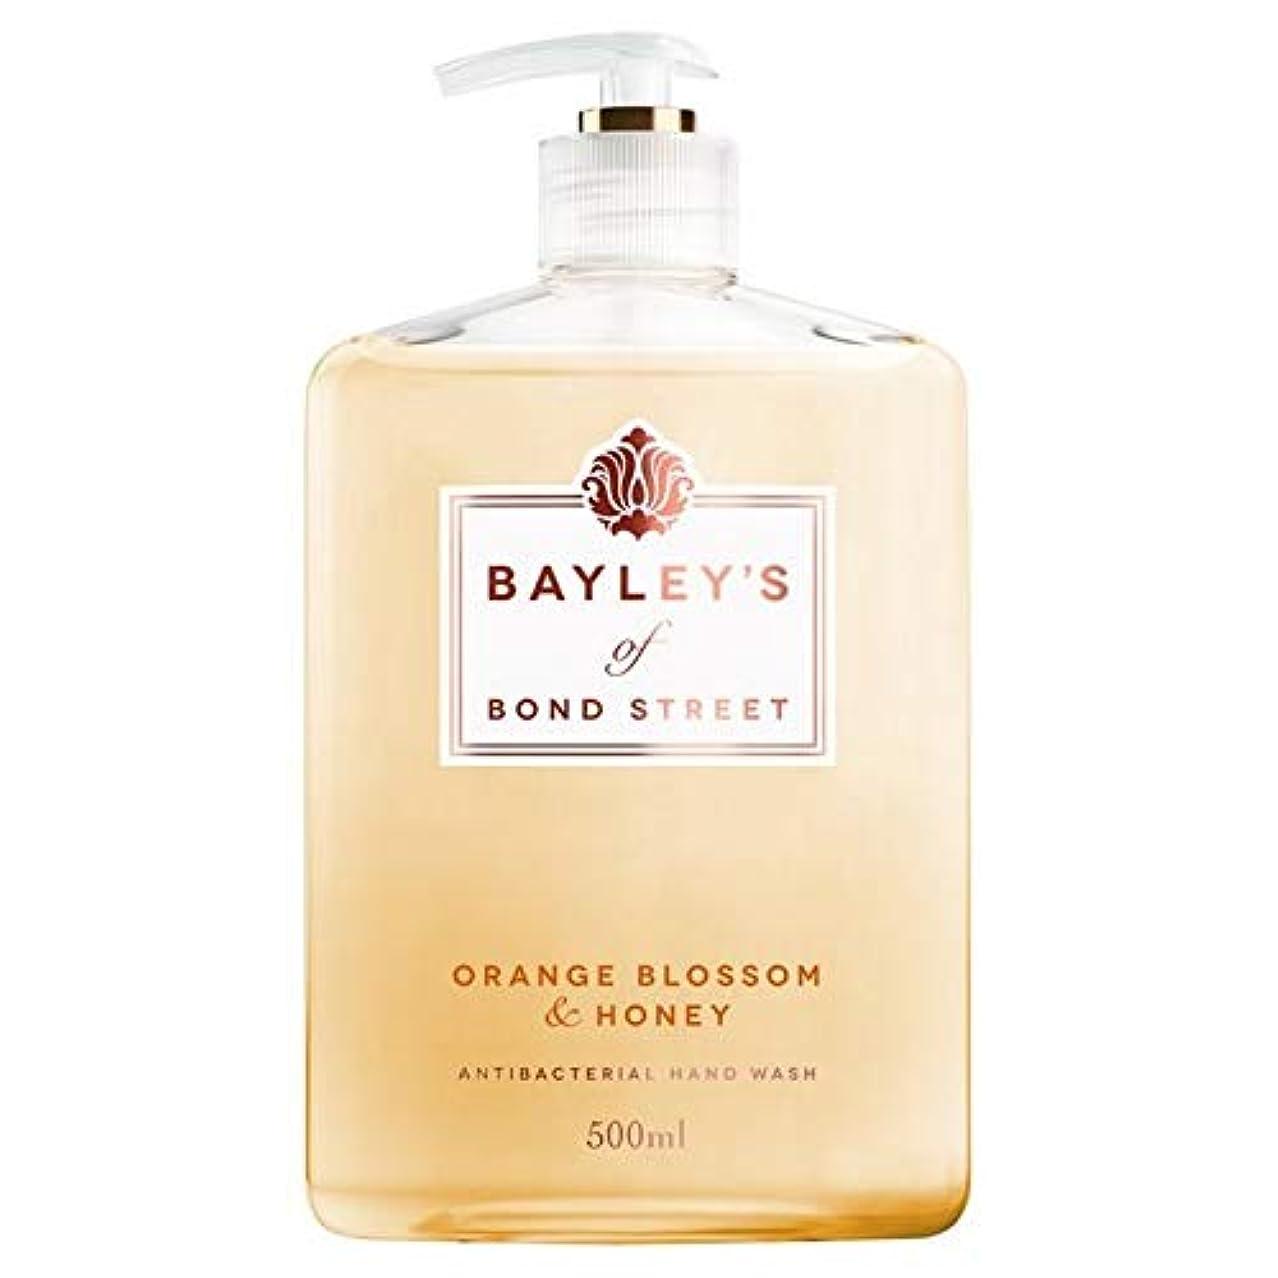 ファシズム保有者ファントム[Bayley's of Bond Street ] ベイリーのボンドストリートオレンジブロッサム&ハニーハンドウォッシュ500ミリリットルの - Bayley's of Bond Street Orange Blossom...